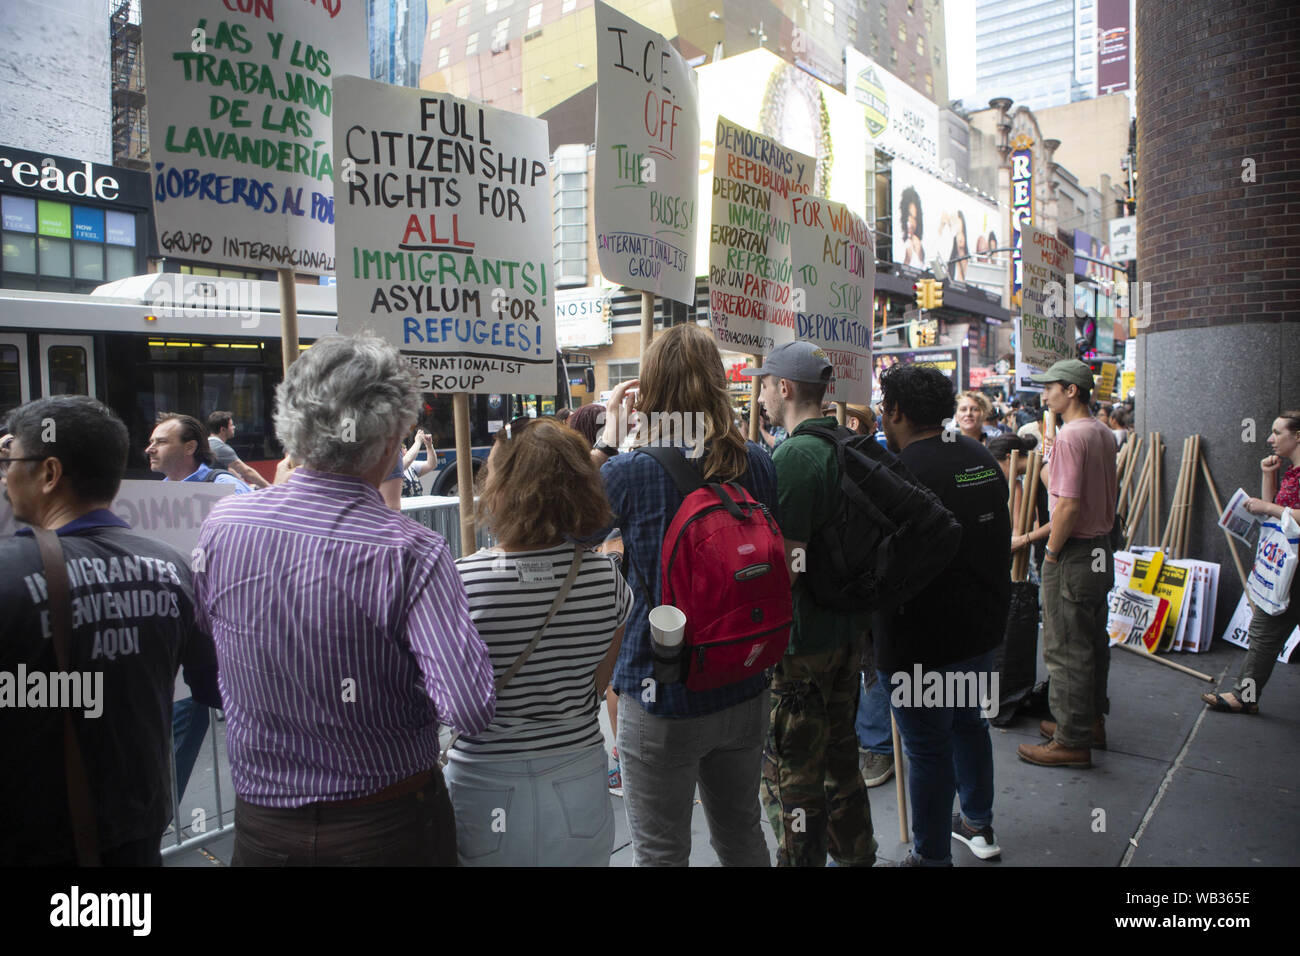 23 août 2019: Des manifestants sont présentés au cours d'une manifestation contre Greyhound Corporation et de la glace et de l'exécution des douanes (Immigration) au Port Authority Bus Terminal sur la 42e et la 8e Avenue à New York, New York. Environ 100 militants d'une coalition de groupes, y compris les incendies (lutte pour les réfugiés immigrants partout) a protesté contre la glace permettant d'agents Greyhound board leur bus 'Searching'' pour les migrants, a déclaré que les fonctionnaires de la Direction générale de crédit: Brian Price/ZUMA/Alamy Fil Live News Banque D'Images